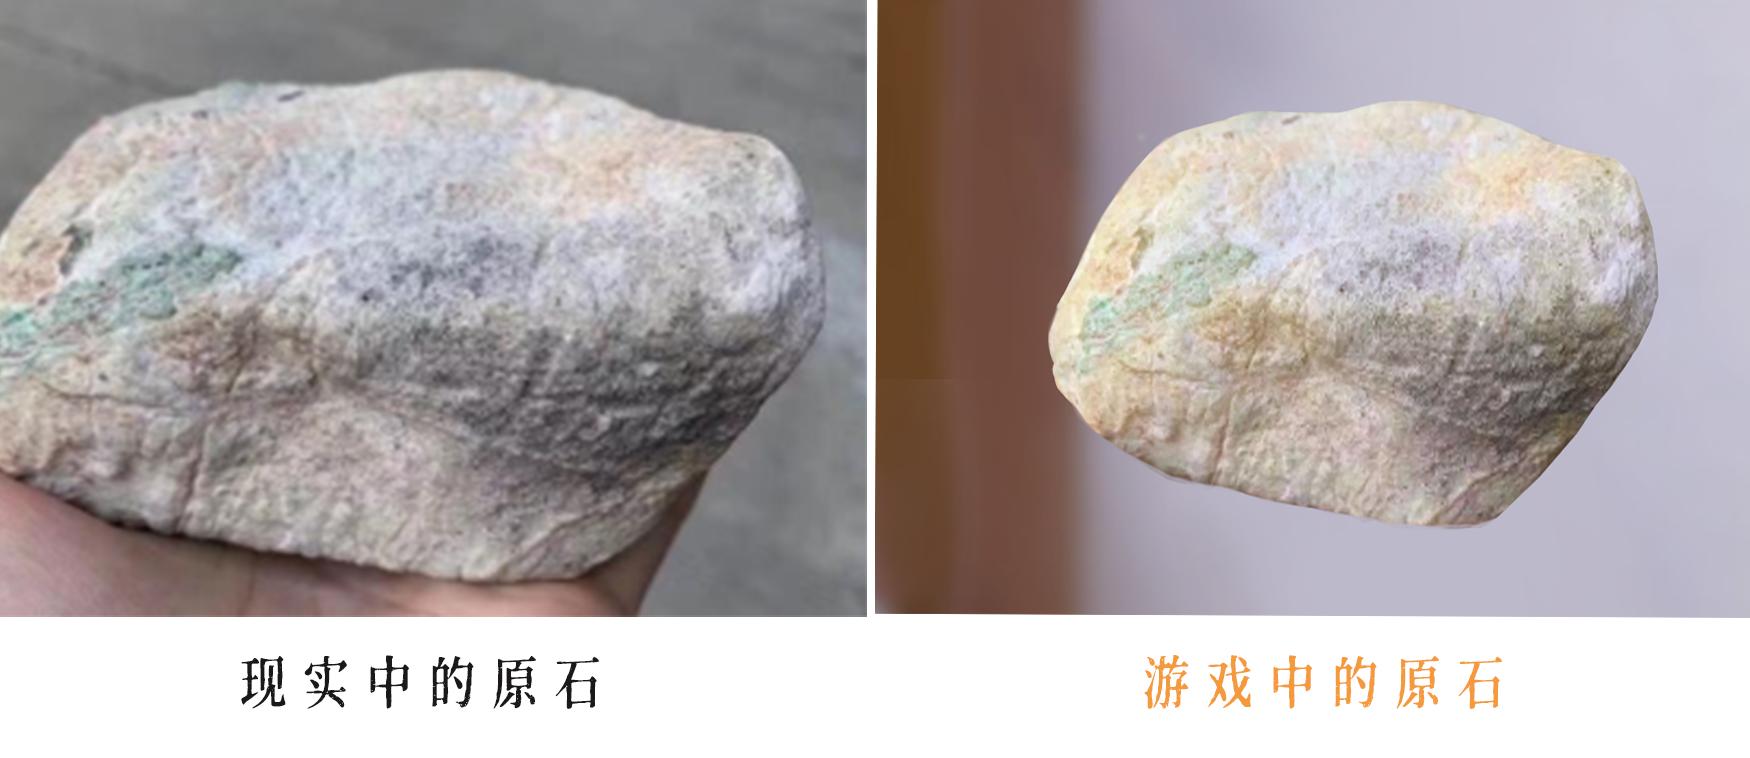 制作人漫谈   痴迷于石头有多变态?